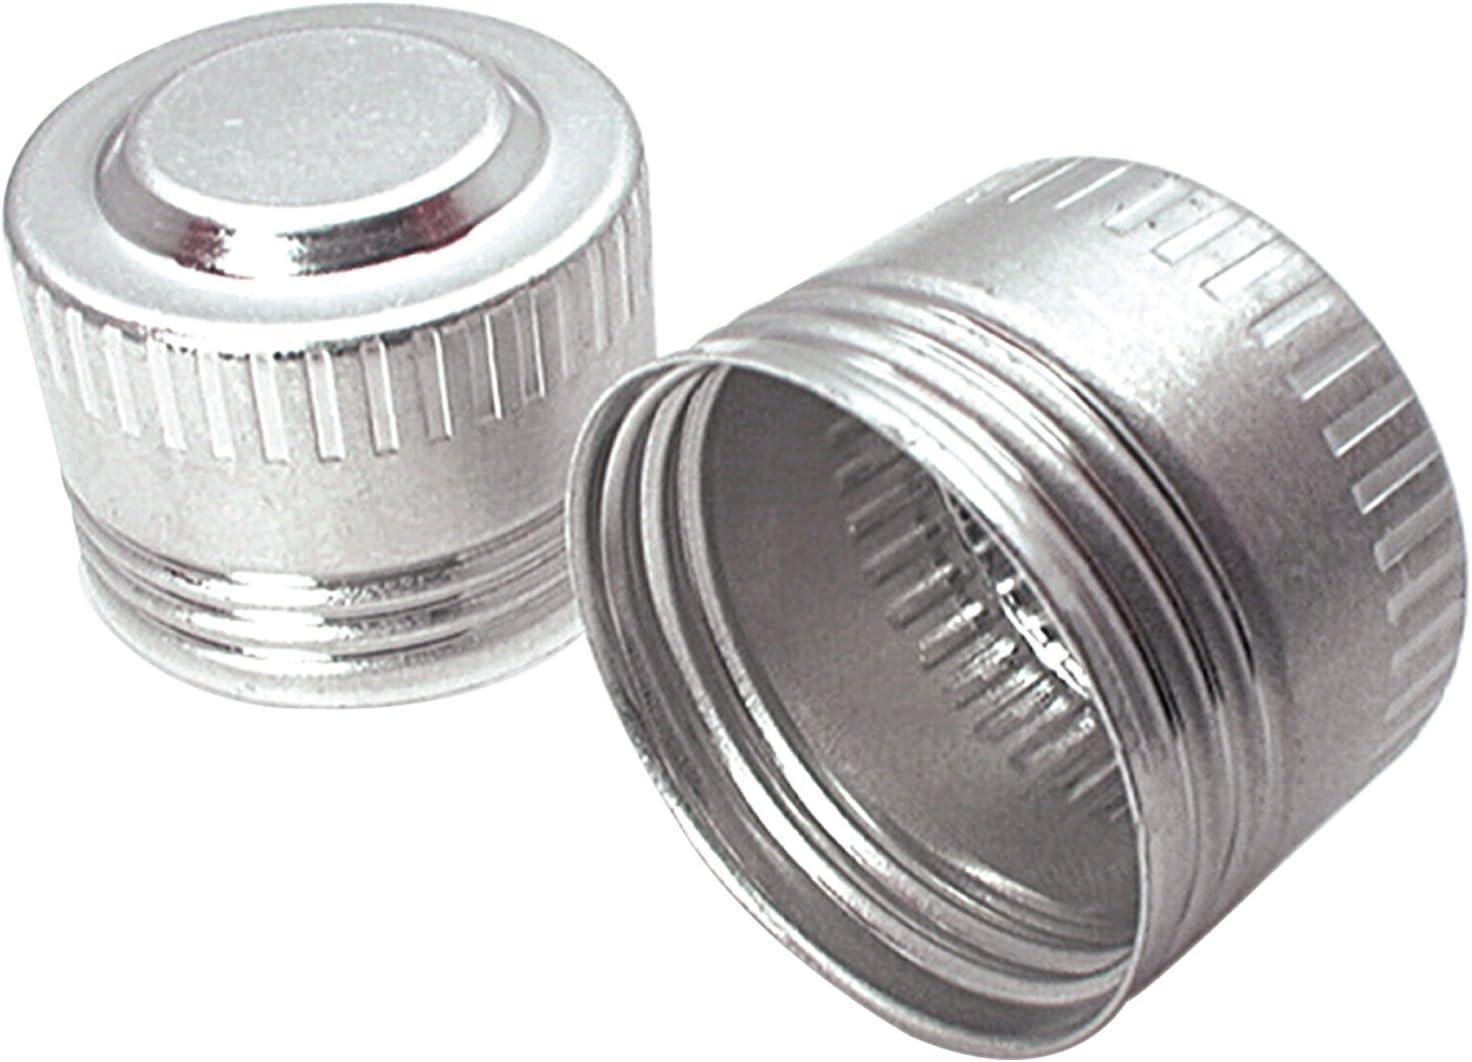 Set of 50 ALL50827-50 16 AN Allstar AN Dust Cap Aluminum Natural